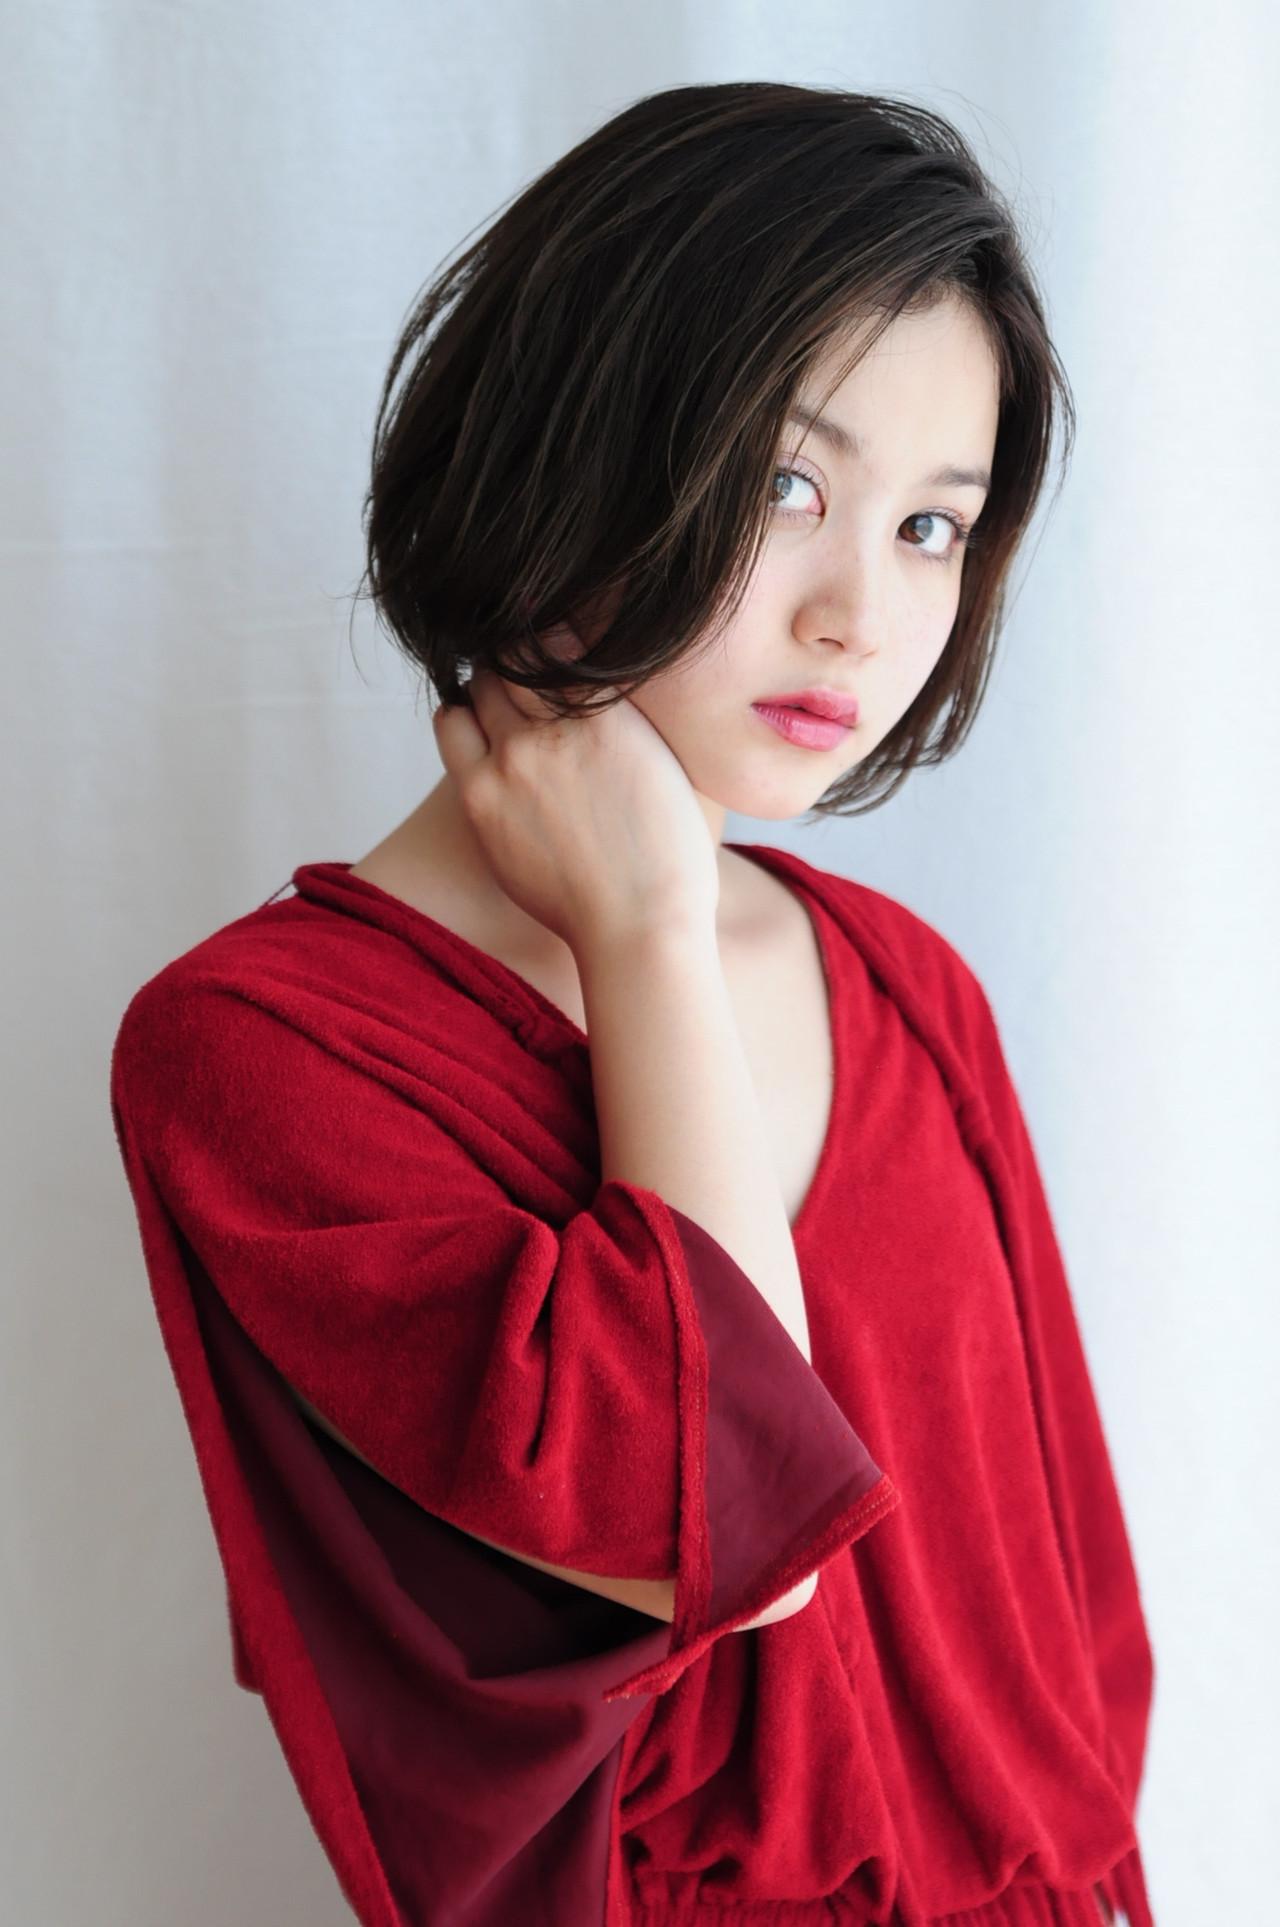 ボブ パーマ 簡単ヘアアレンジ アンニュイほつれヘア ヘアスタイルや髪型の写真・画像 | 成田沙也加 / tricca Daikanyama